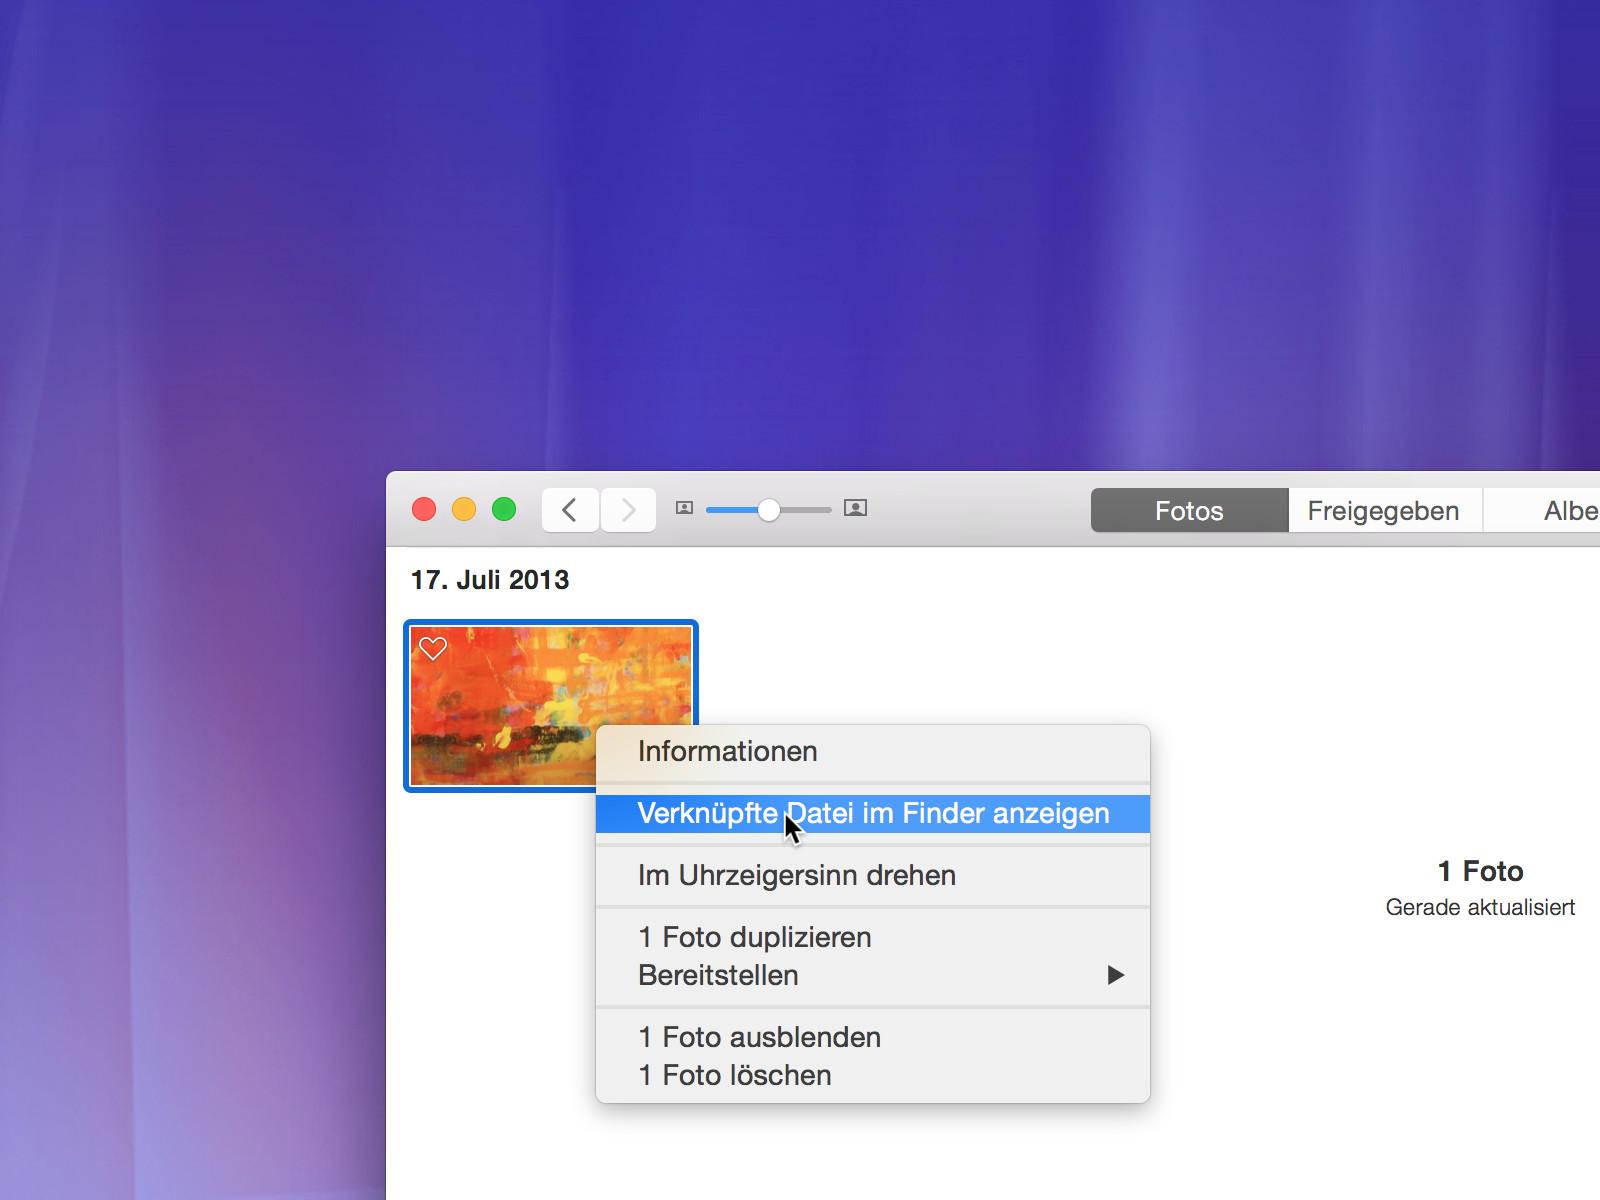 Mac Fotos Im Finder Anzeigen